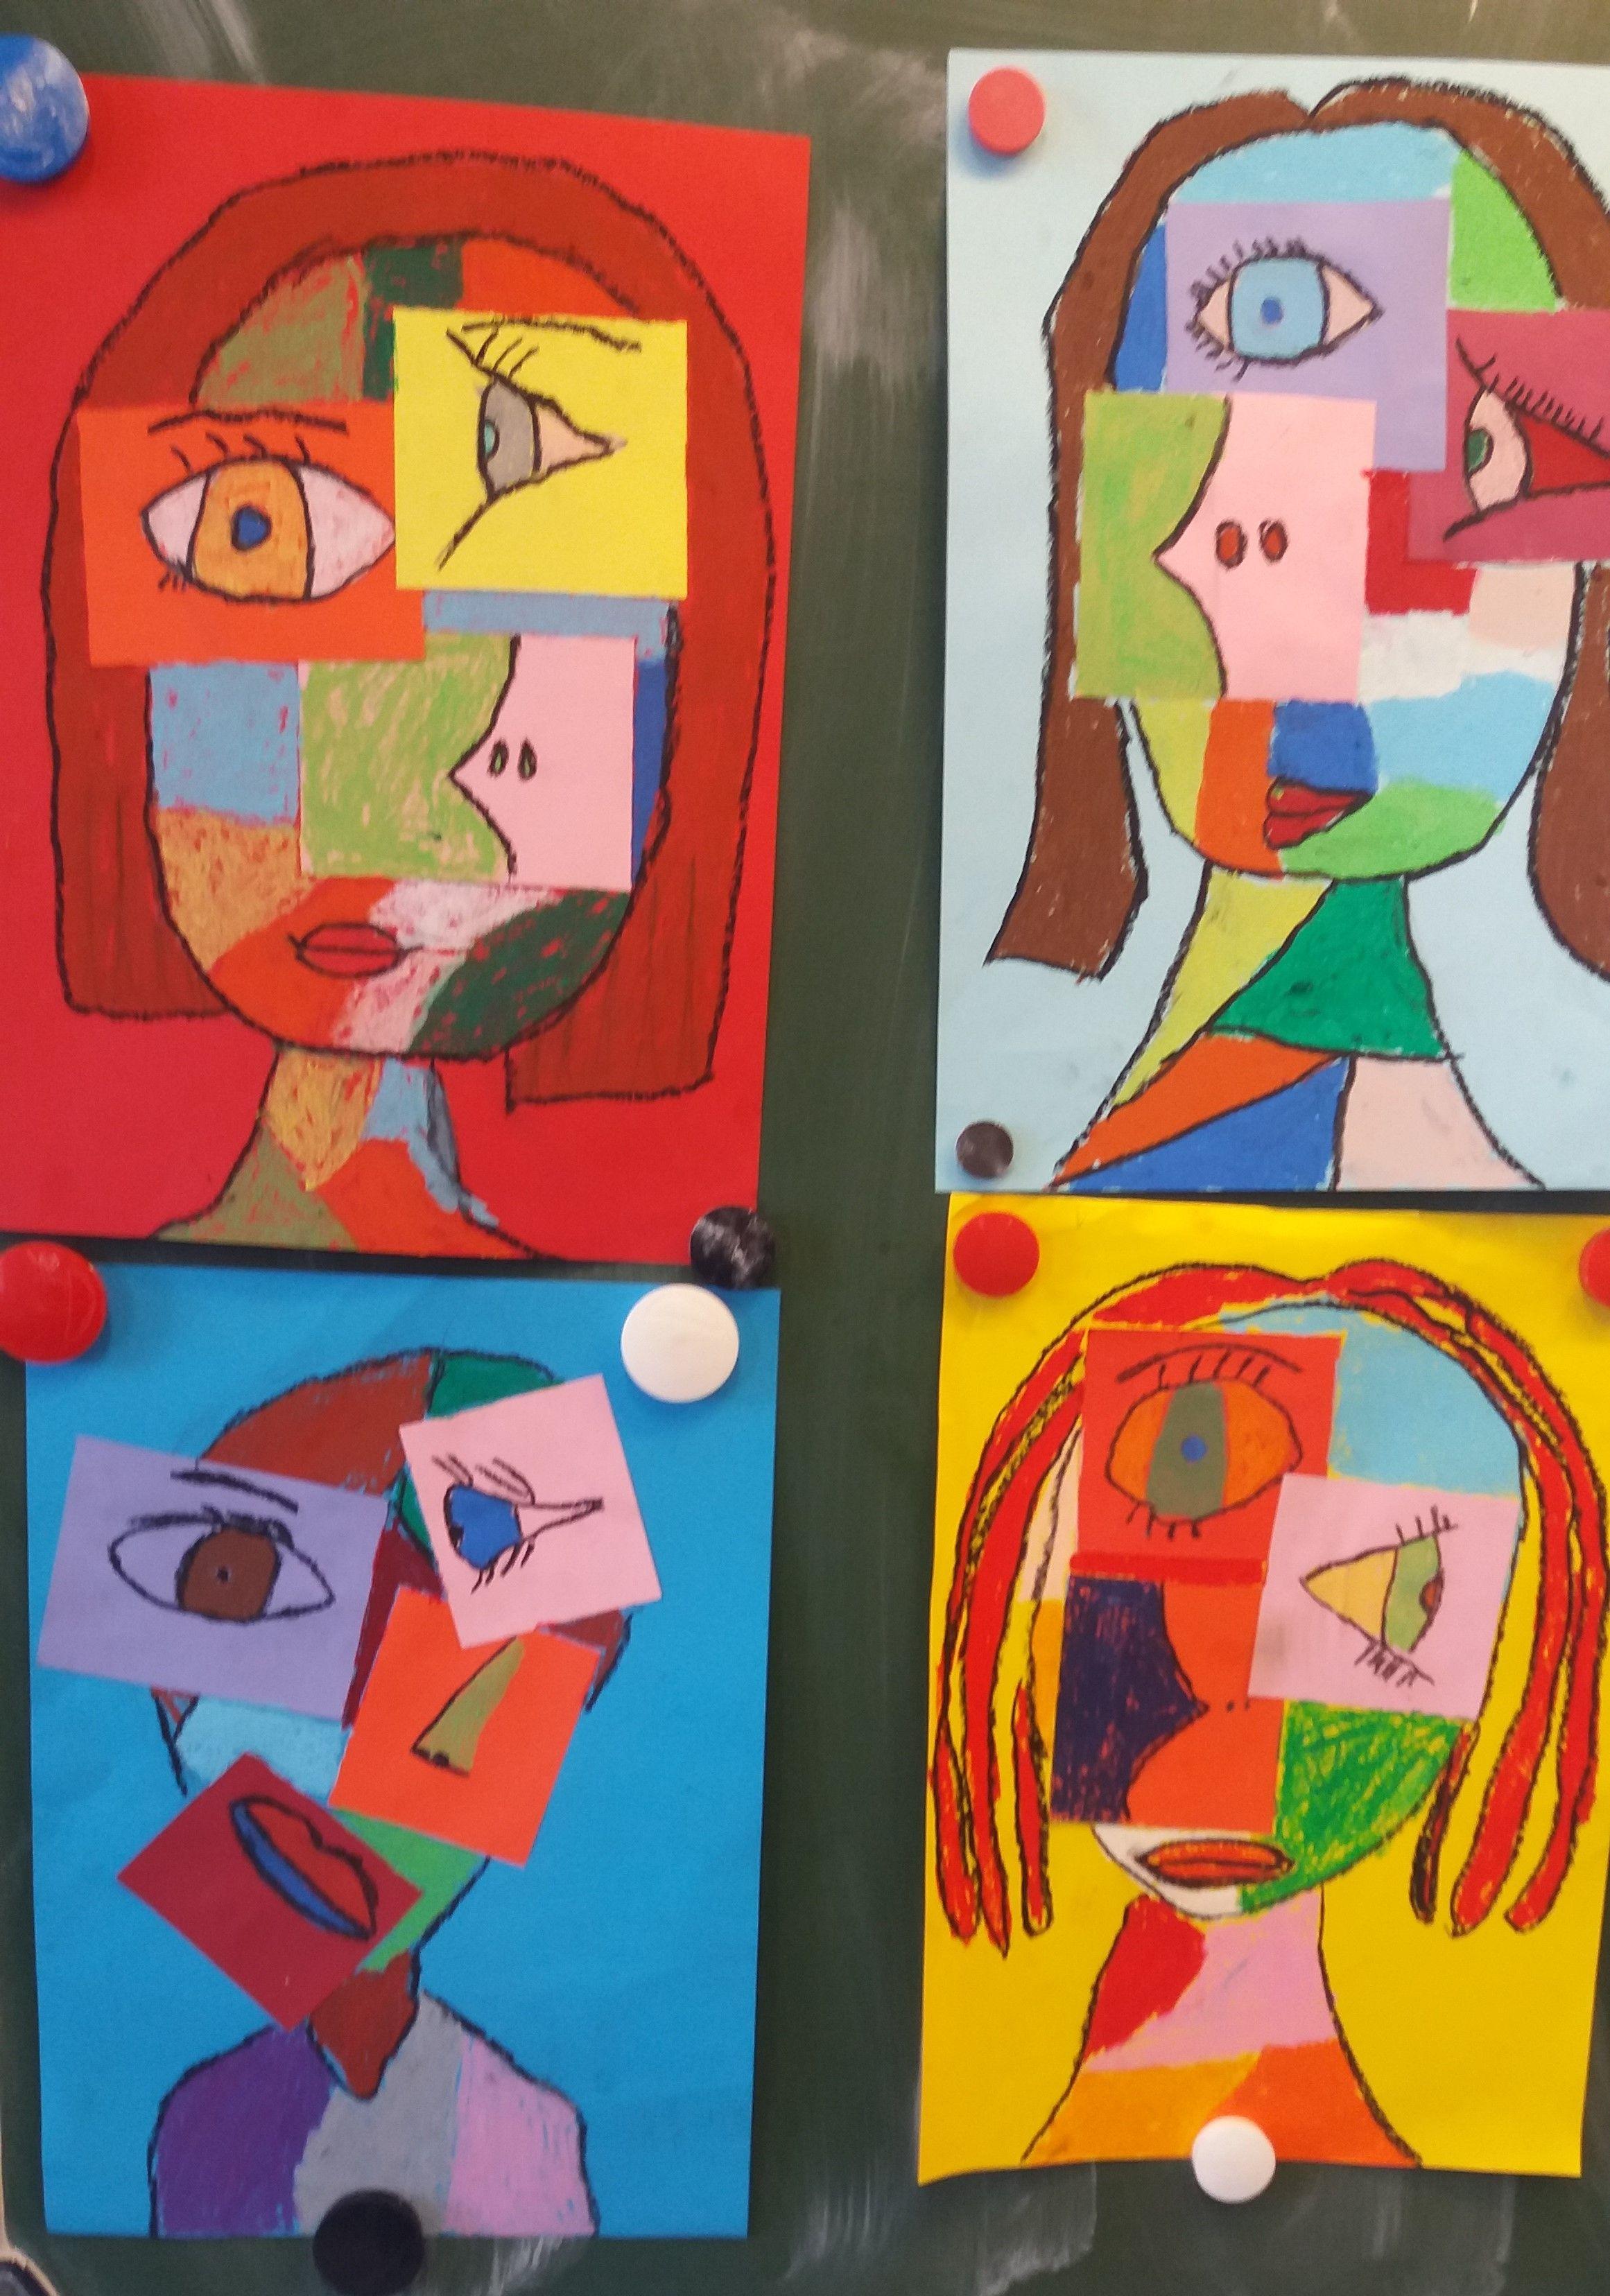 Ecole Elementaire De Rochefort Samson Portraits Cubistes Art Picasso Art Elementaire Art Sur Livre